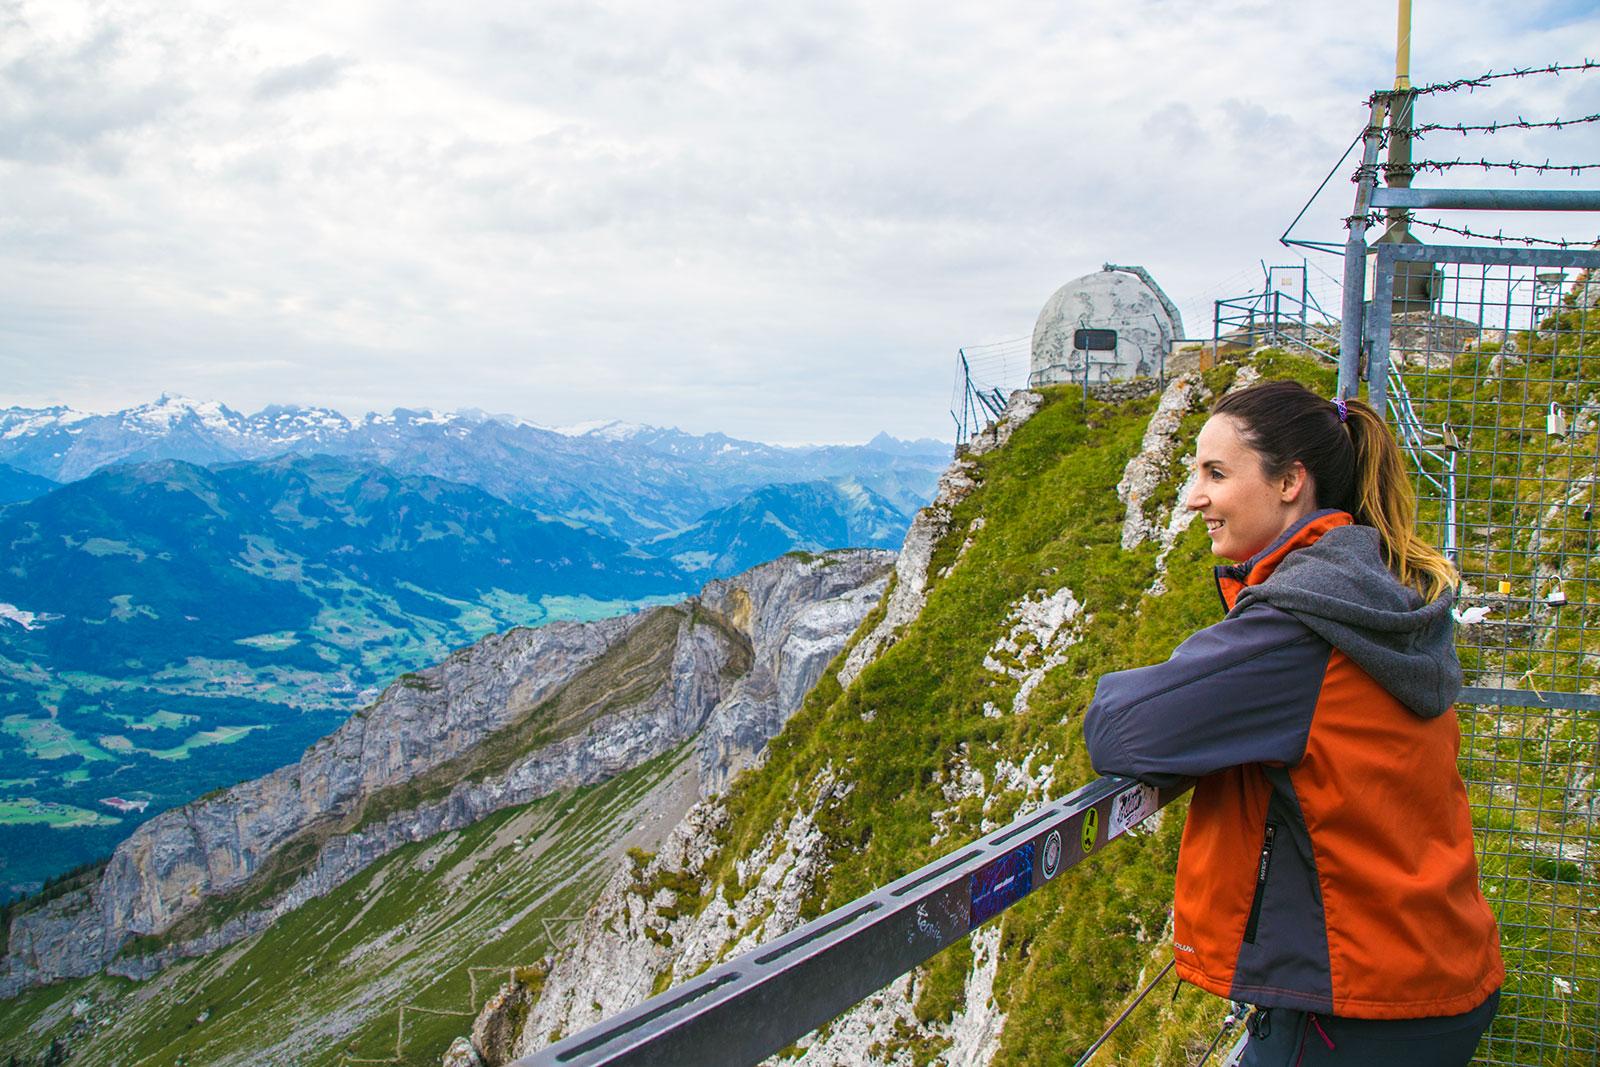 Nerea disfrutando de las vistas desde el Mt. Pilatus